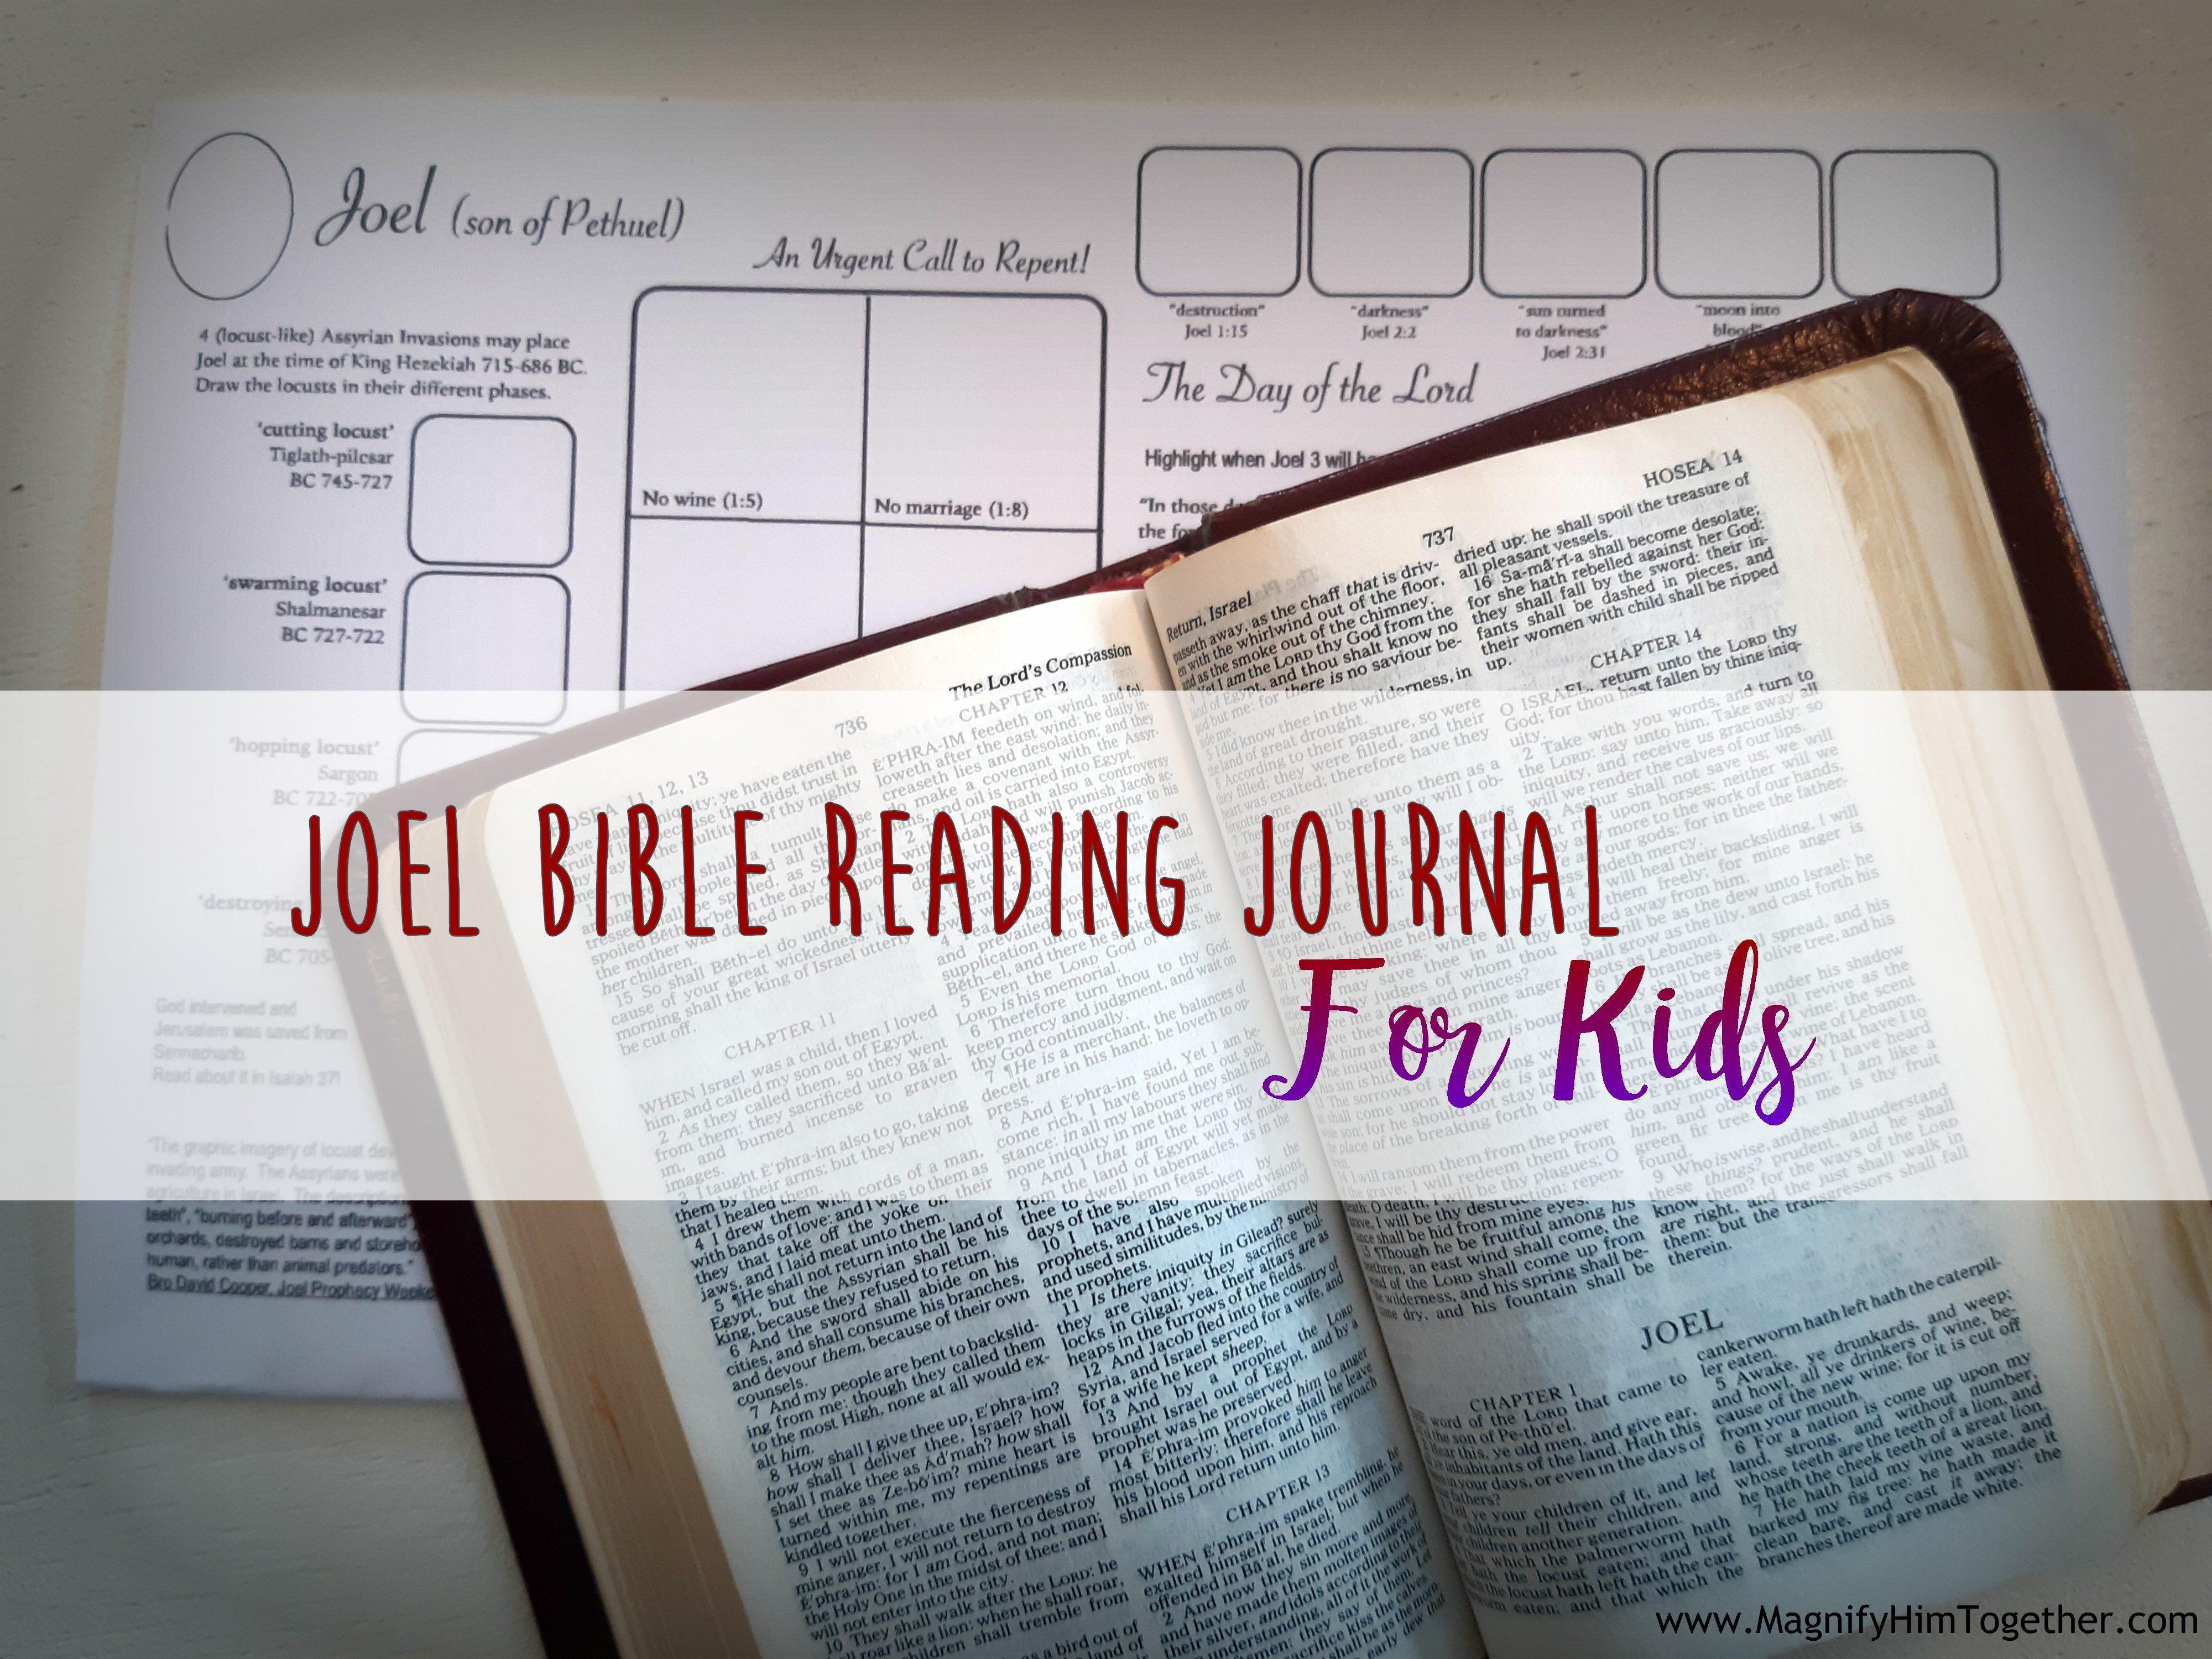 Joel Bible Reading Journal for Kids – Magnify Him Together